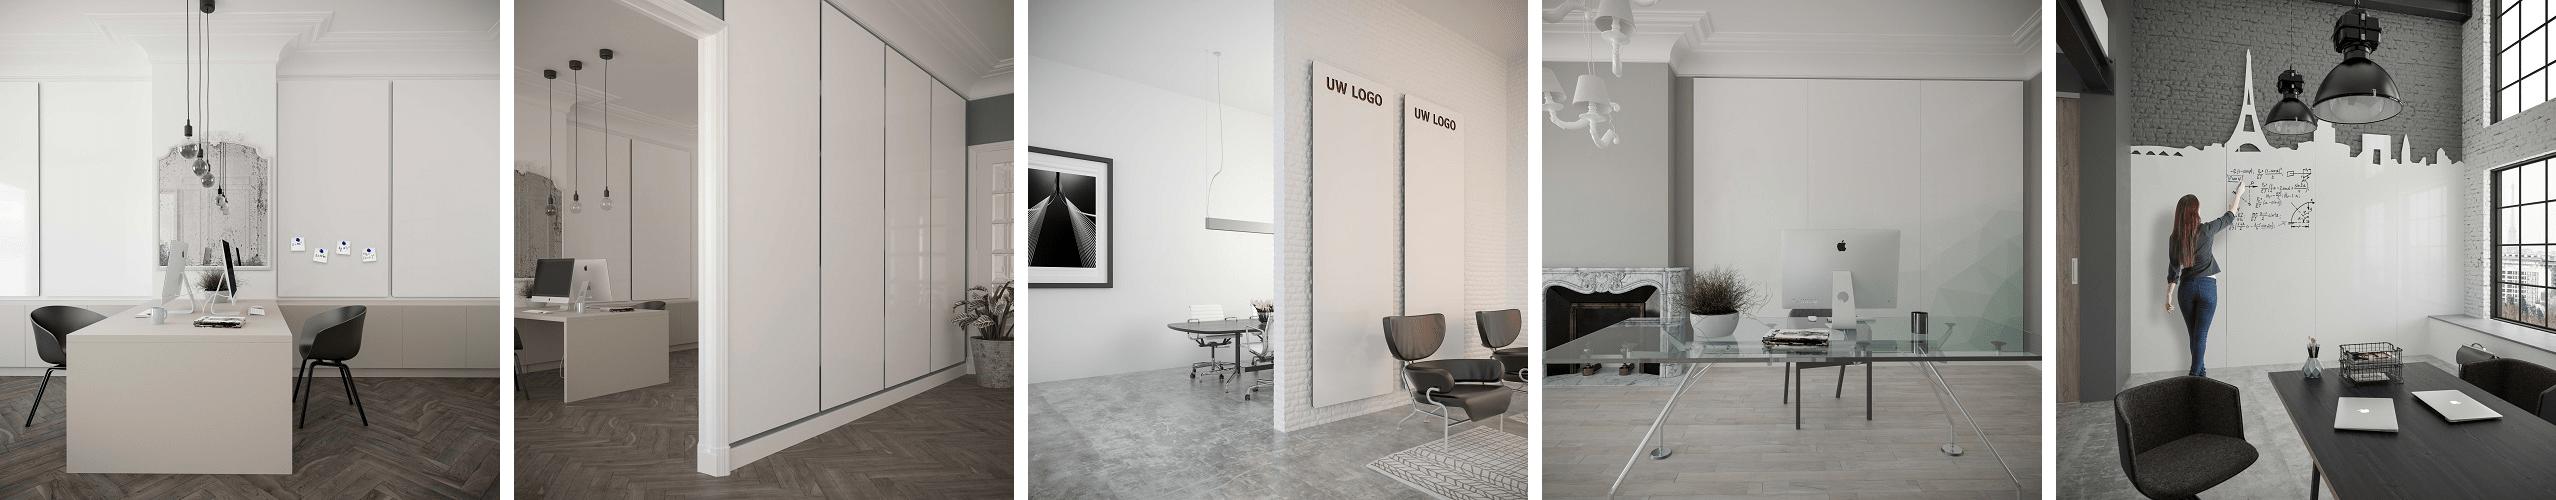 frameless whiteboard